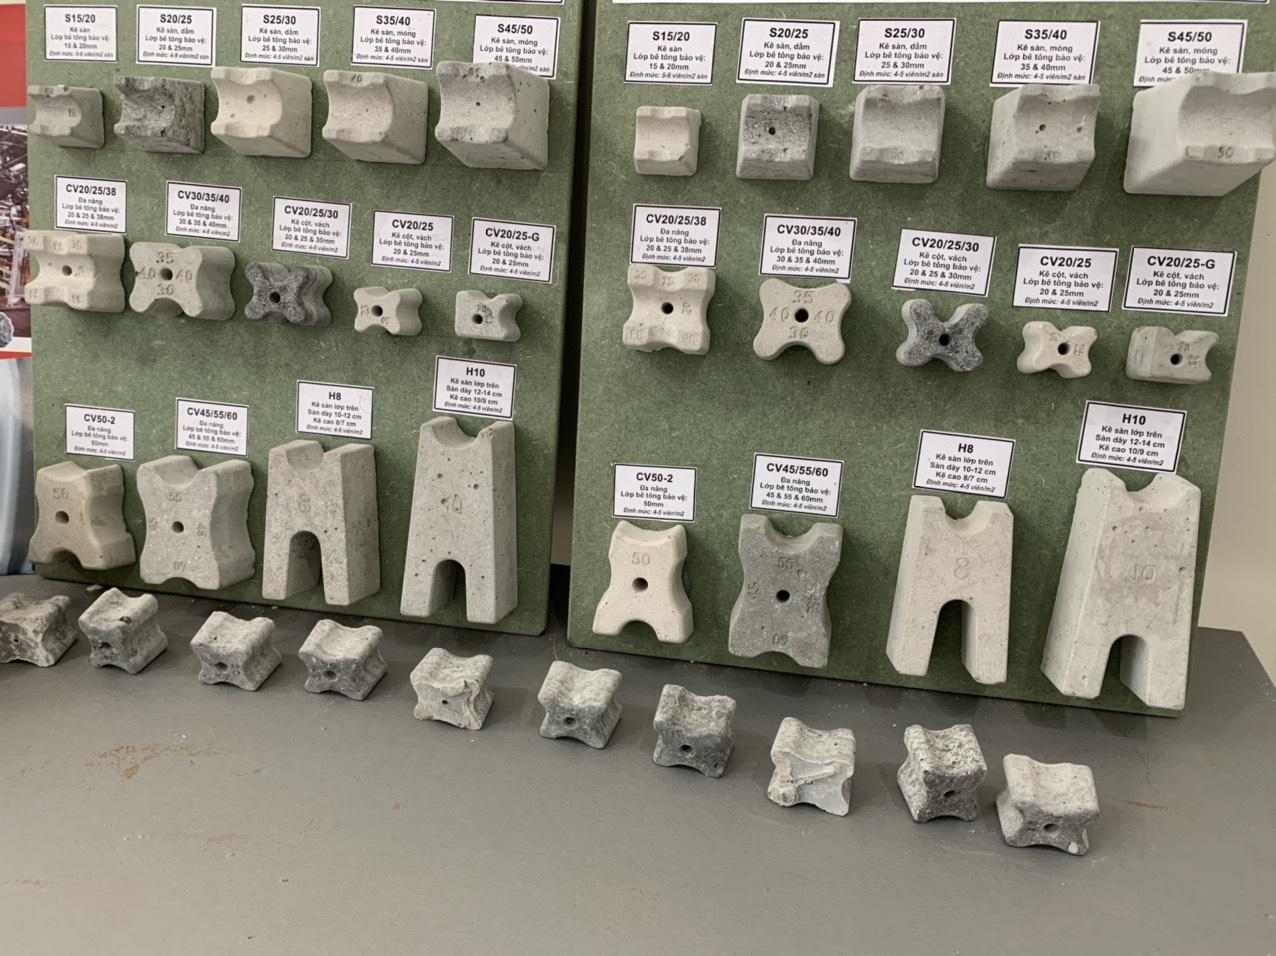 Cung cấp con kê bê tông mác cao số lượng lớn, giá hợp lý nhất tại Hải Phòng